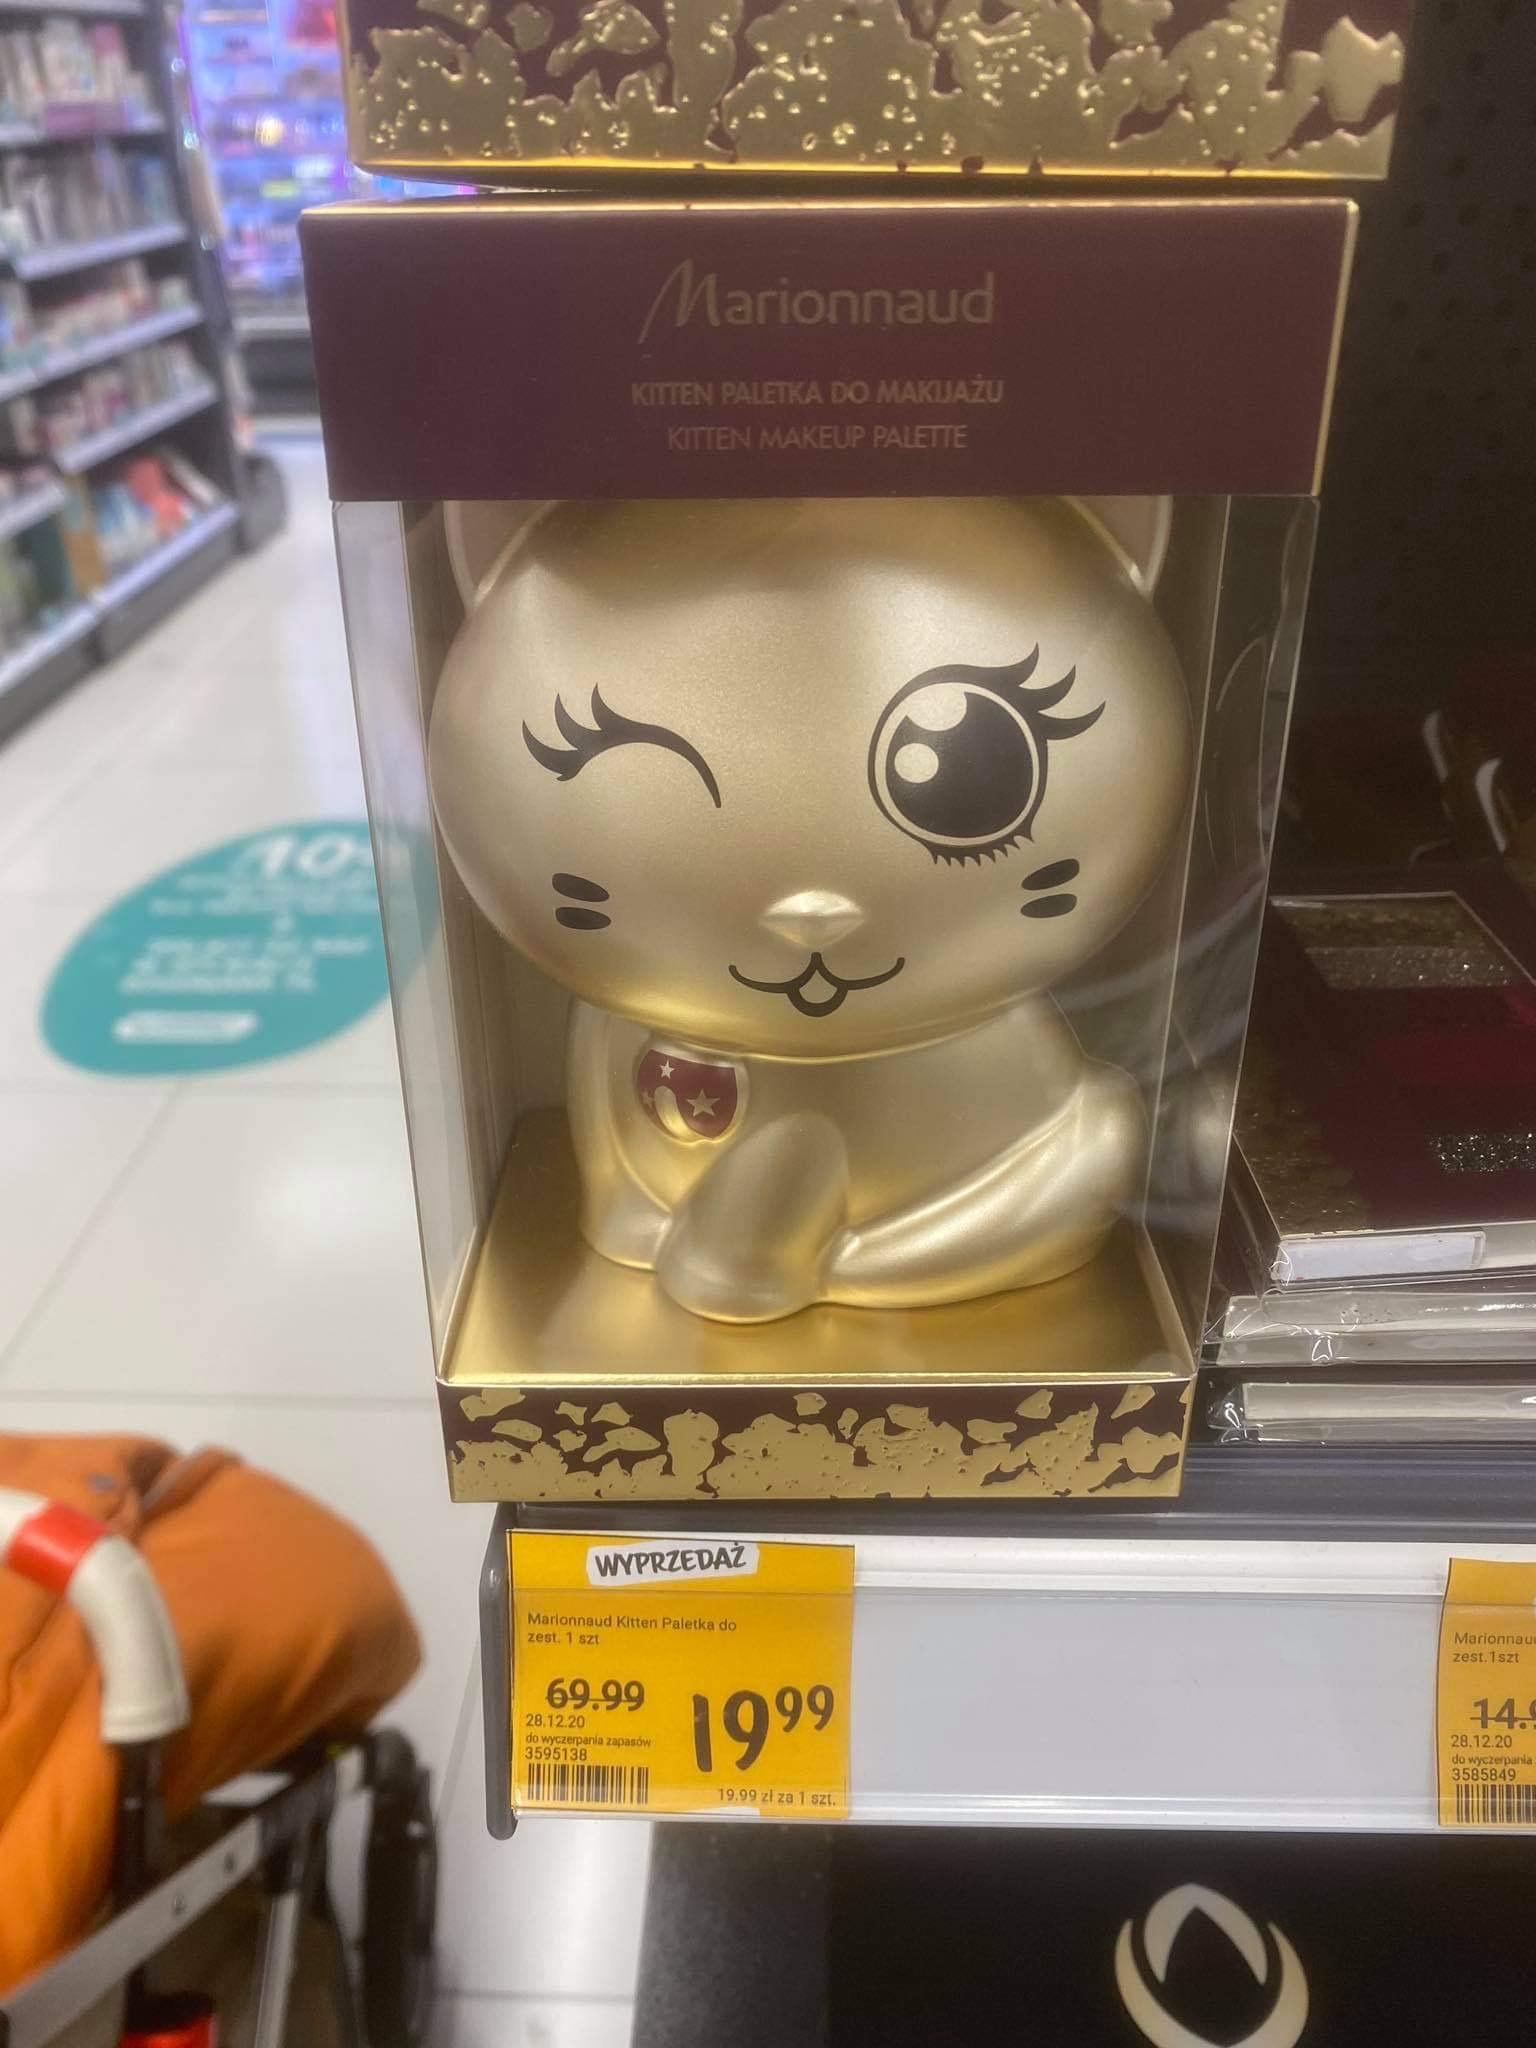 Marionnaud Kitten paletka do makijażu